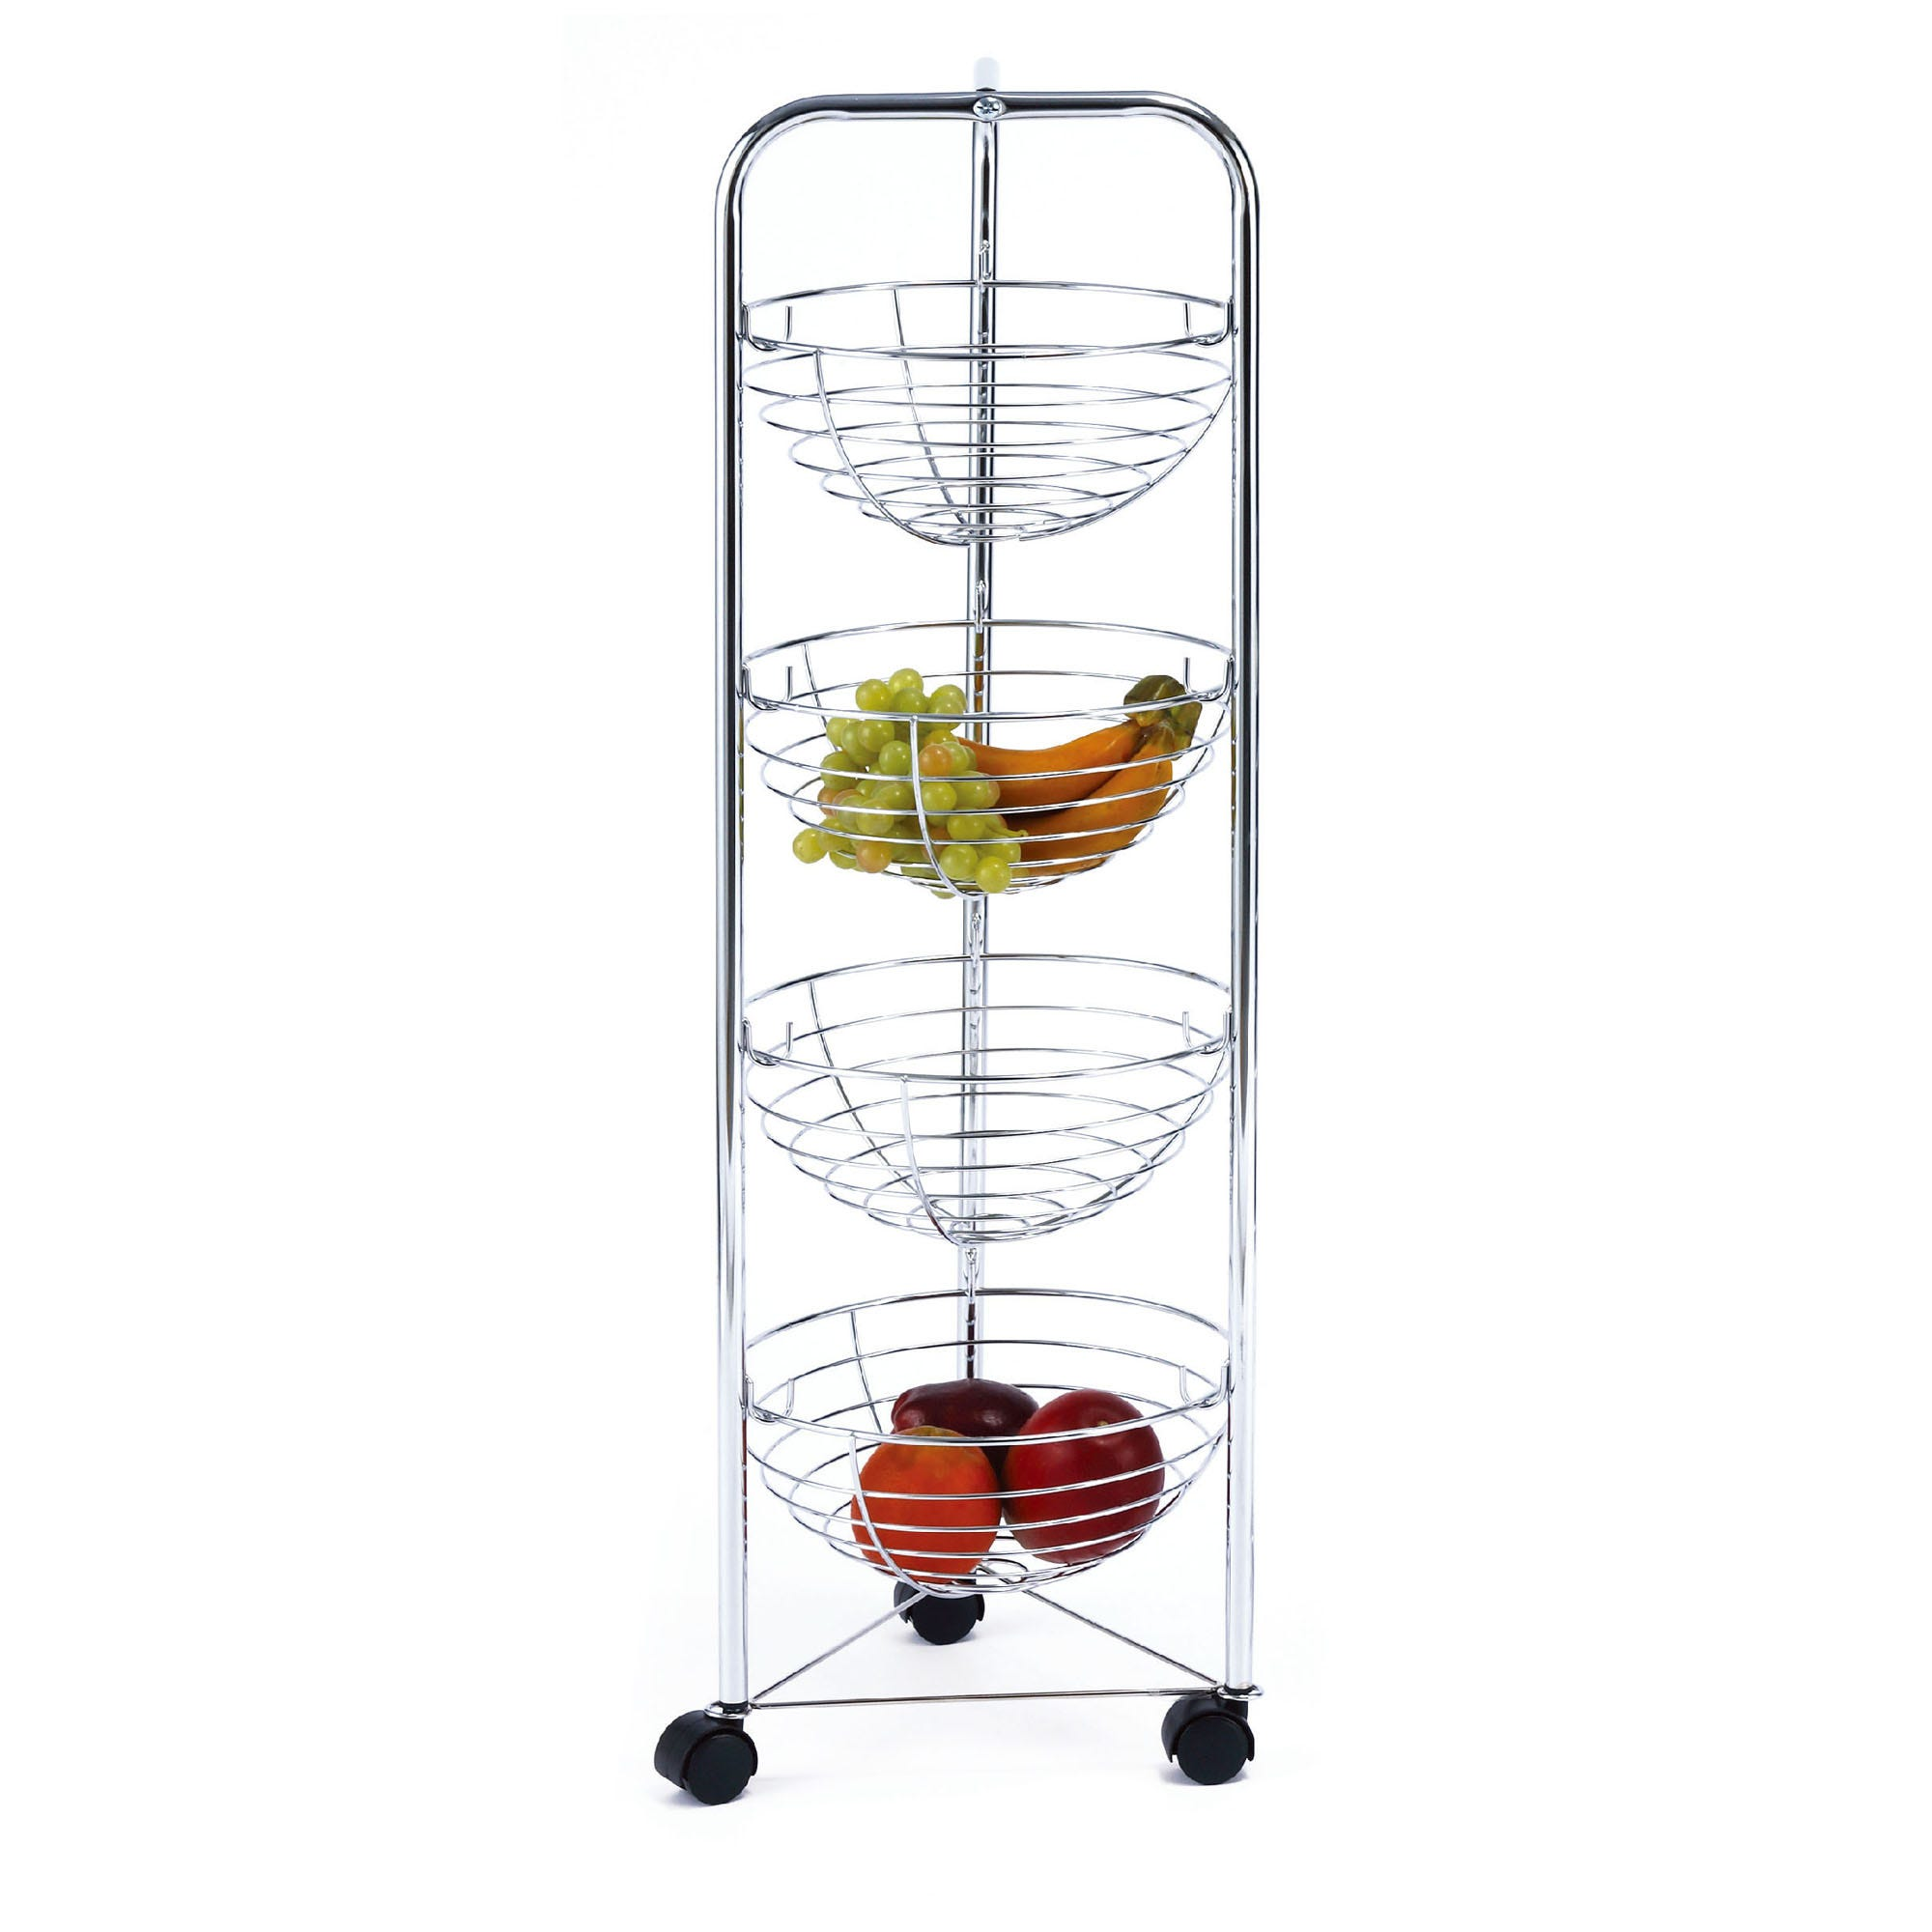 Carrito frutero Namaro Design™, con 4 canastillas y ruedas